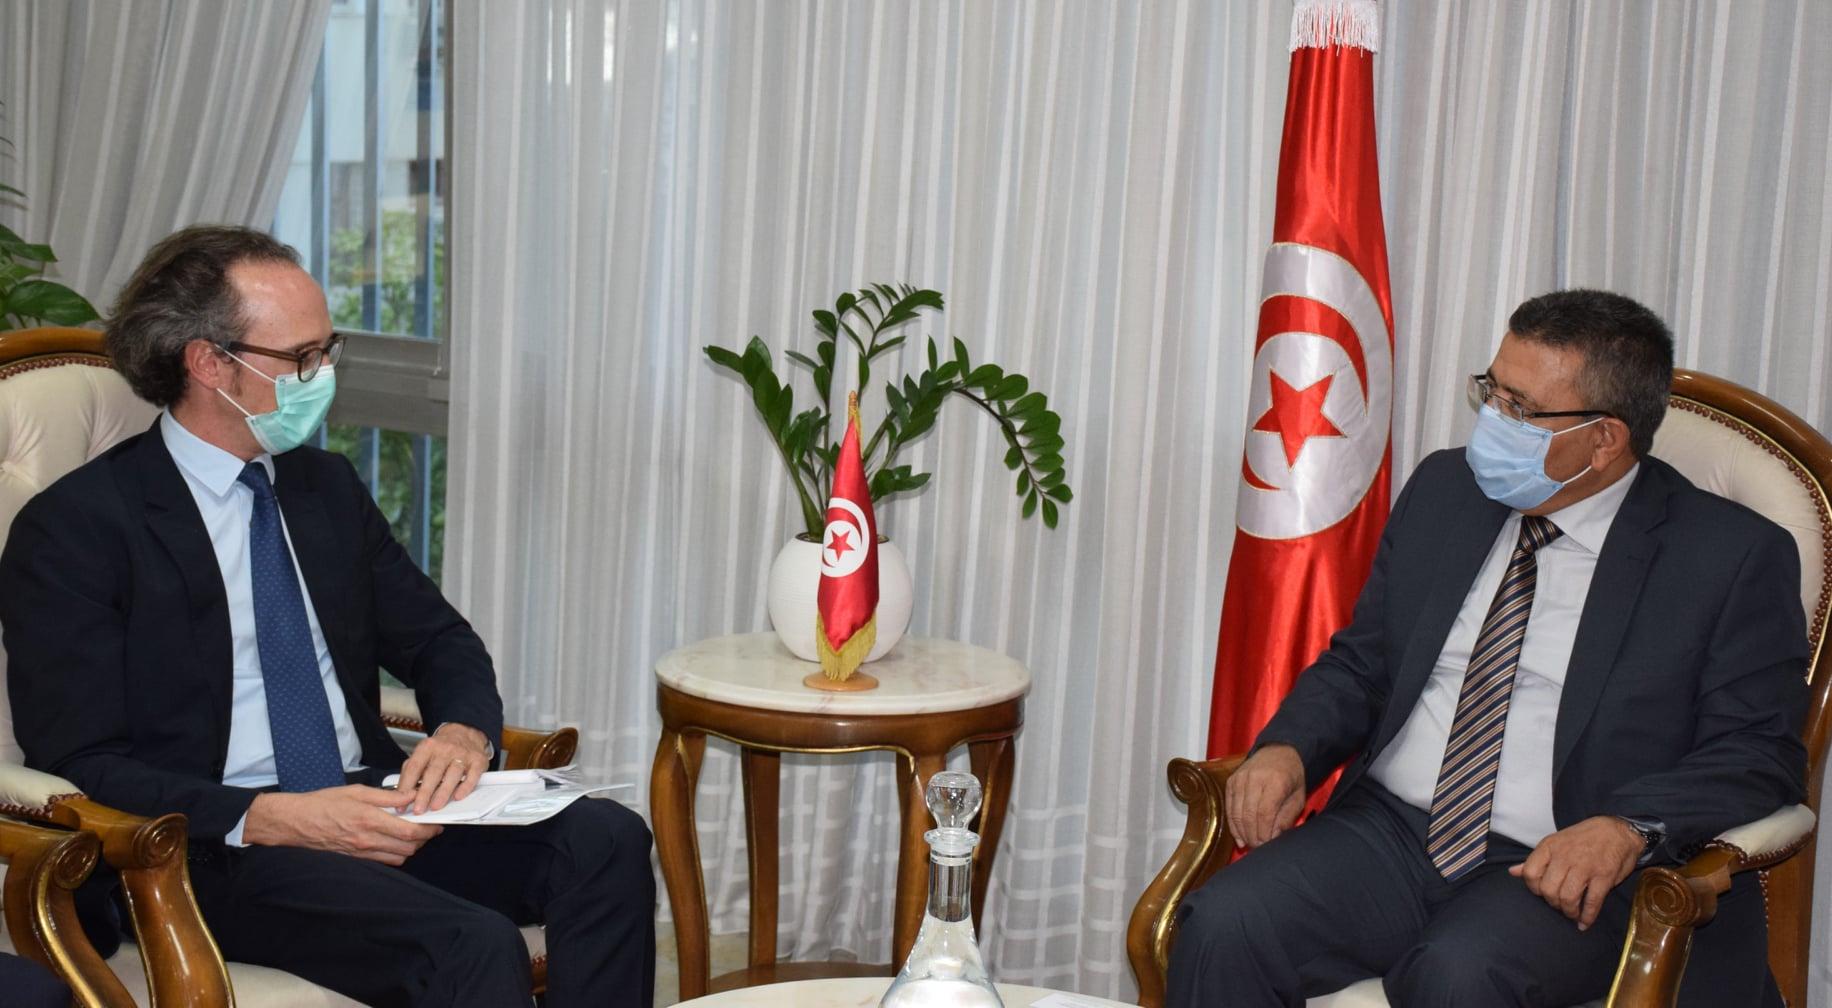 وزير التجهيز يلتقي  مدير مكتب البنك الأوروبي لإعادة الأعمار والتنمية بتونس